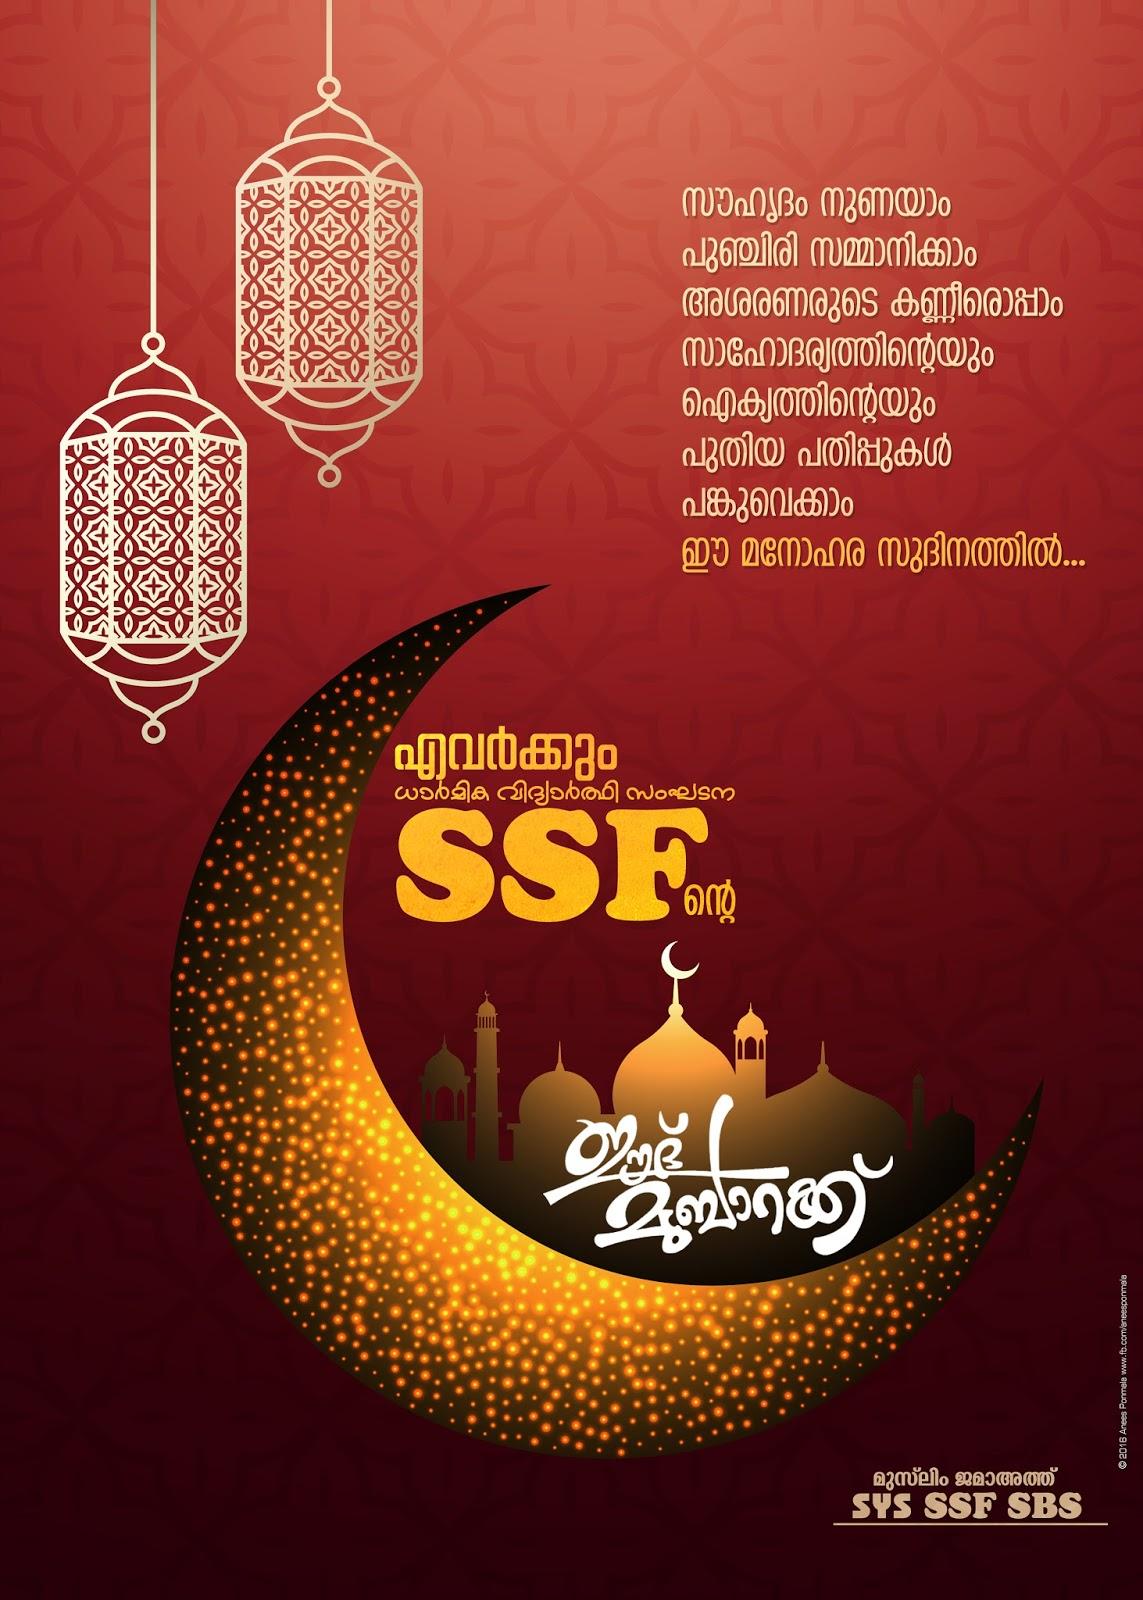 Eid mubarak 2016 malayalam anees ponmala eid mubarak 2016 malayalam m4hsunfo